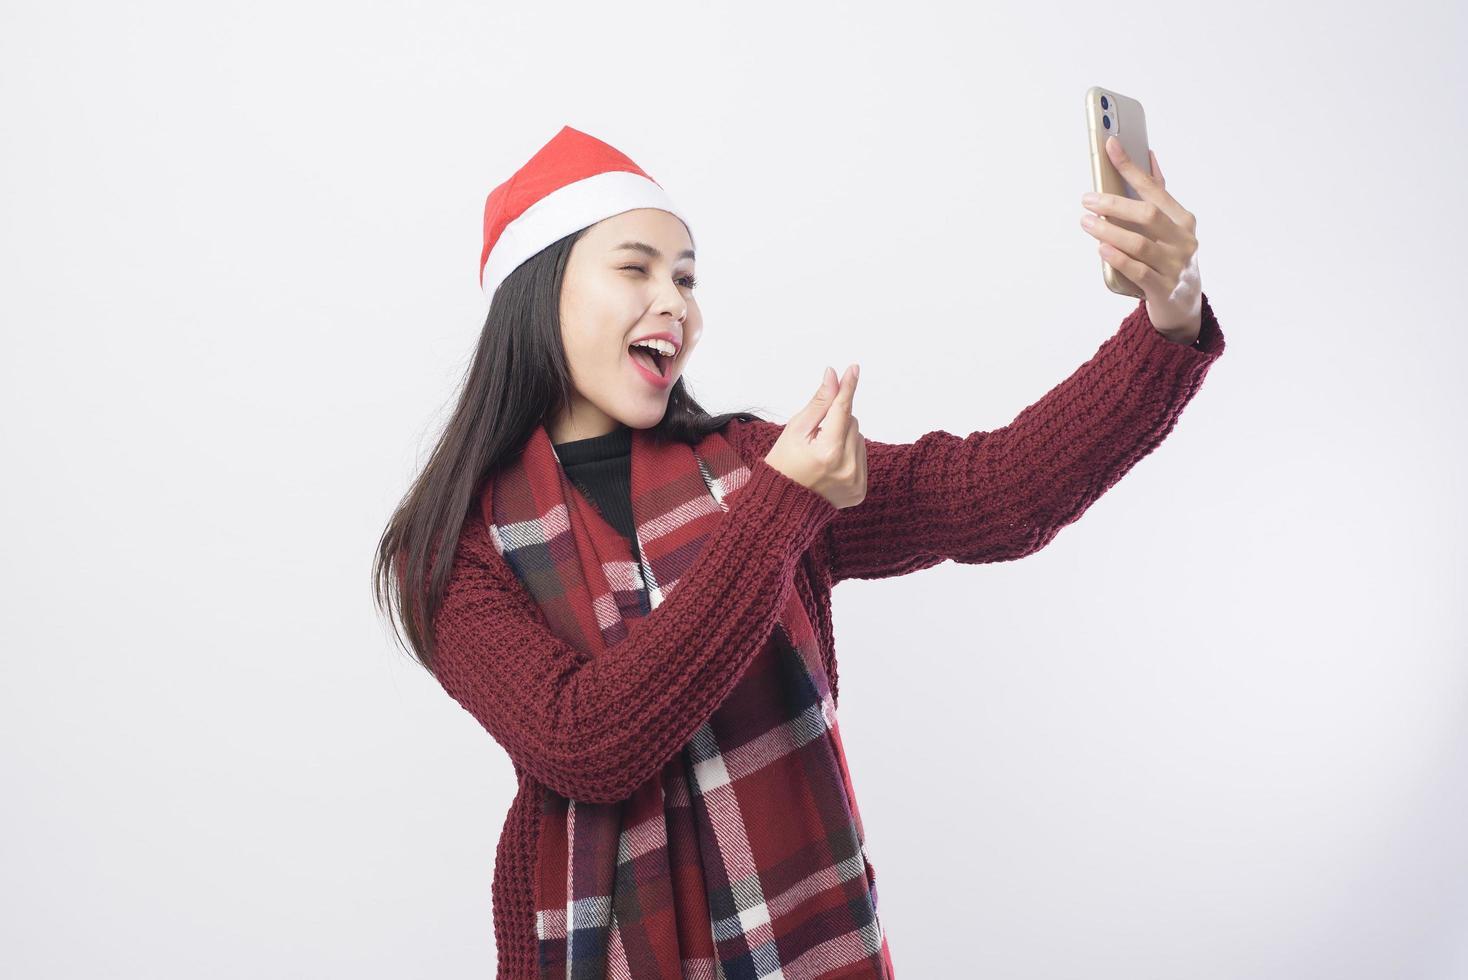 giovane donna sorridente che indossa il cappello rosso di Babbo Natale foto